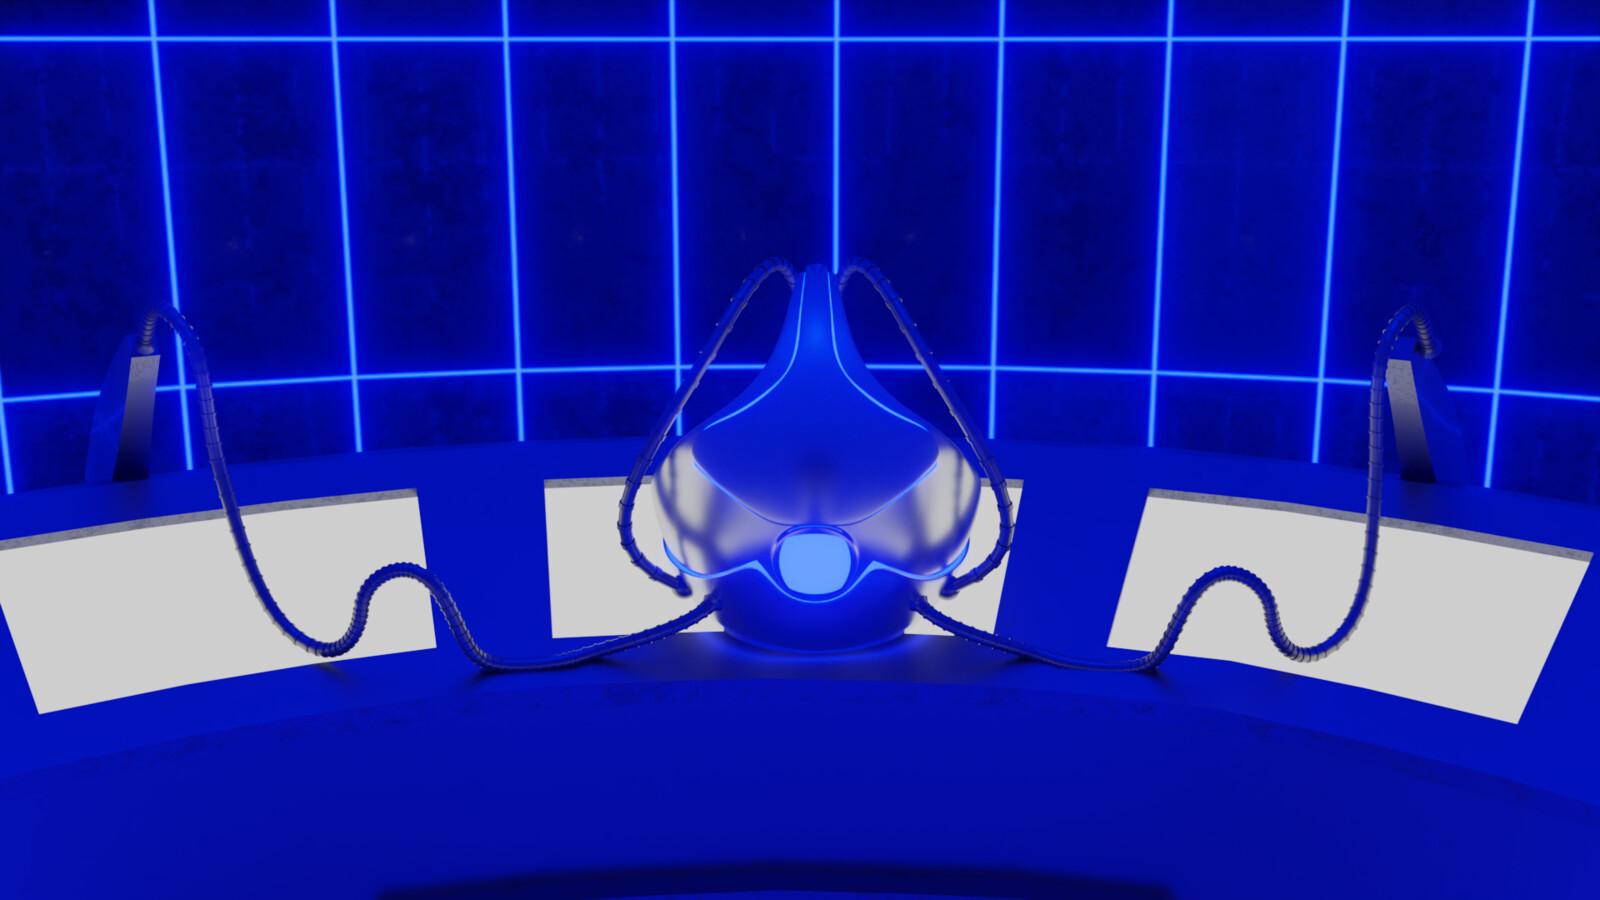 3D Cerebro- Cerebro helmet close view